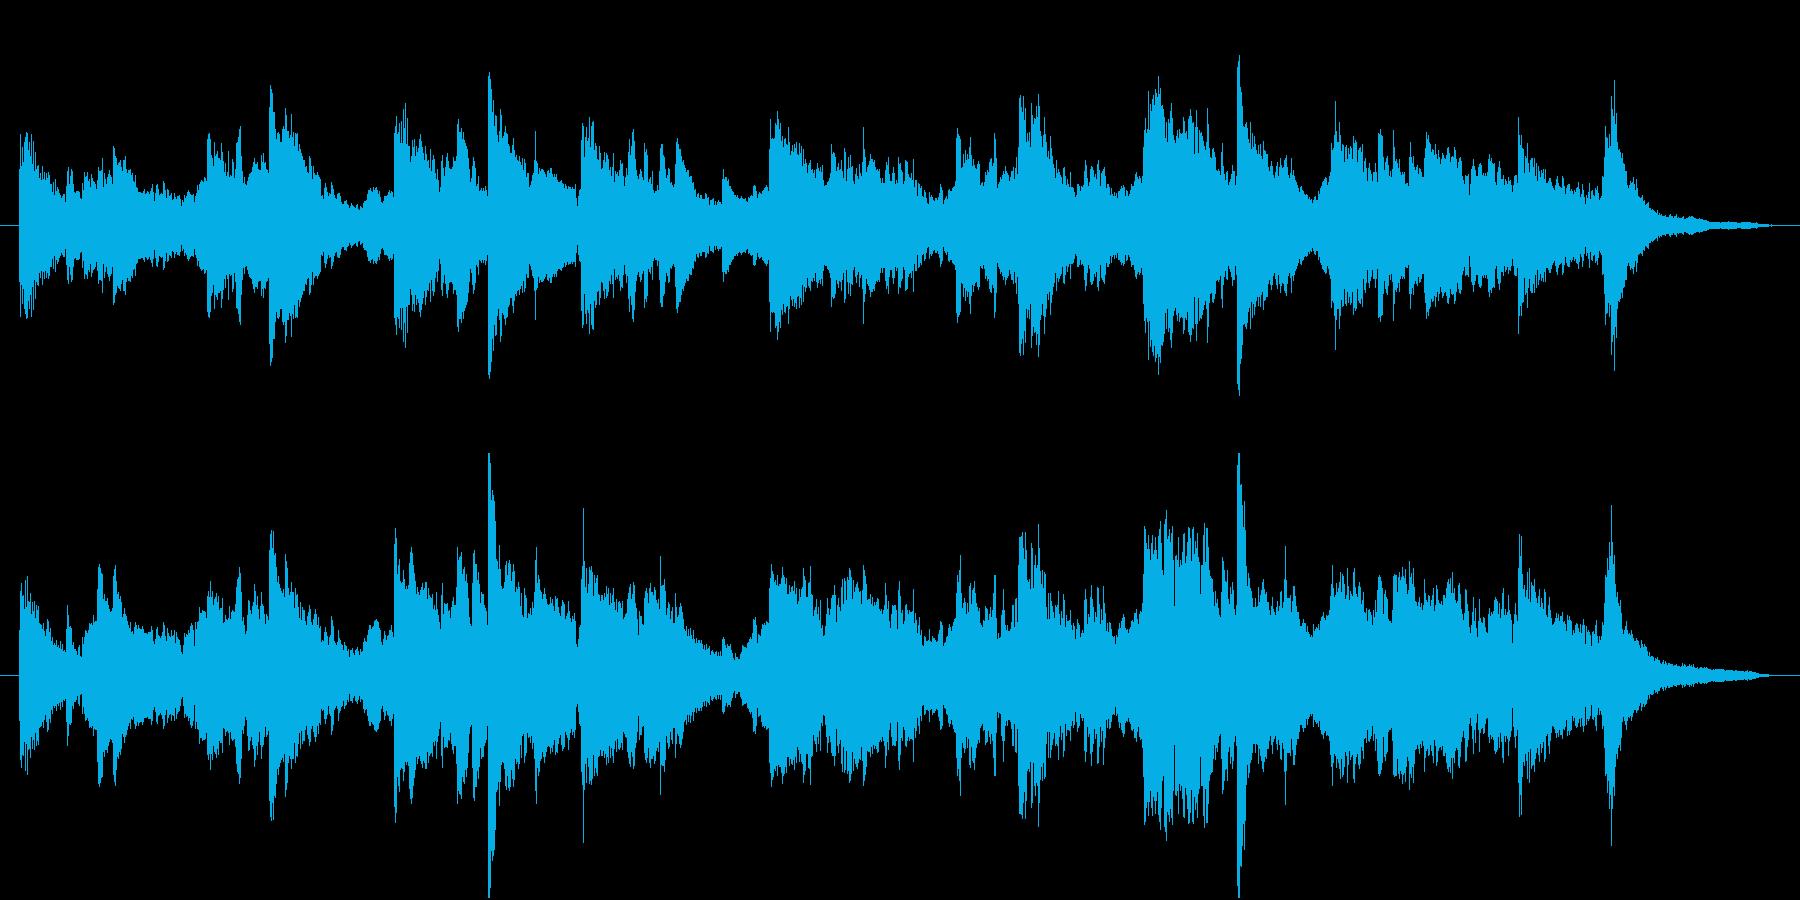 ビオラとピアノの落ち着いたBGMの再生済みの波形